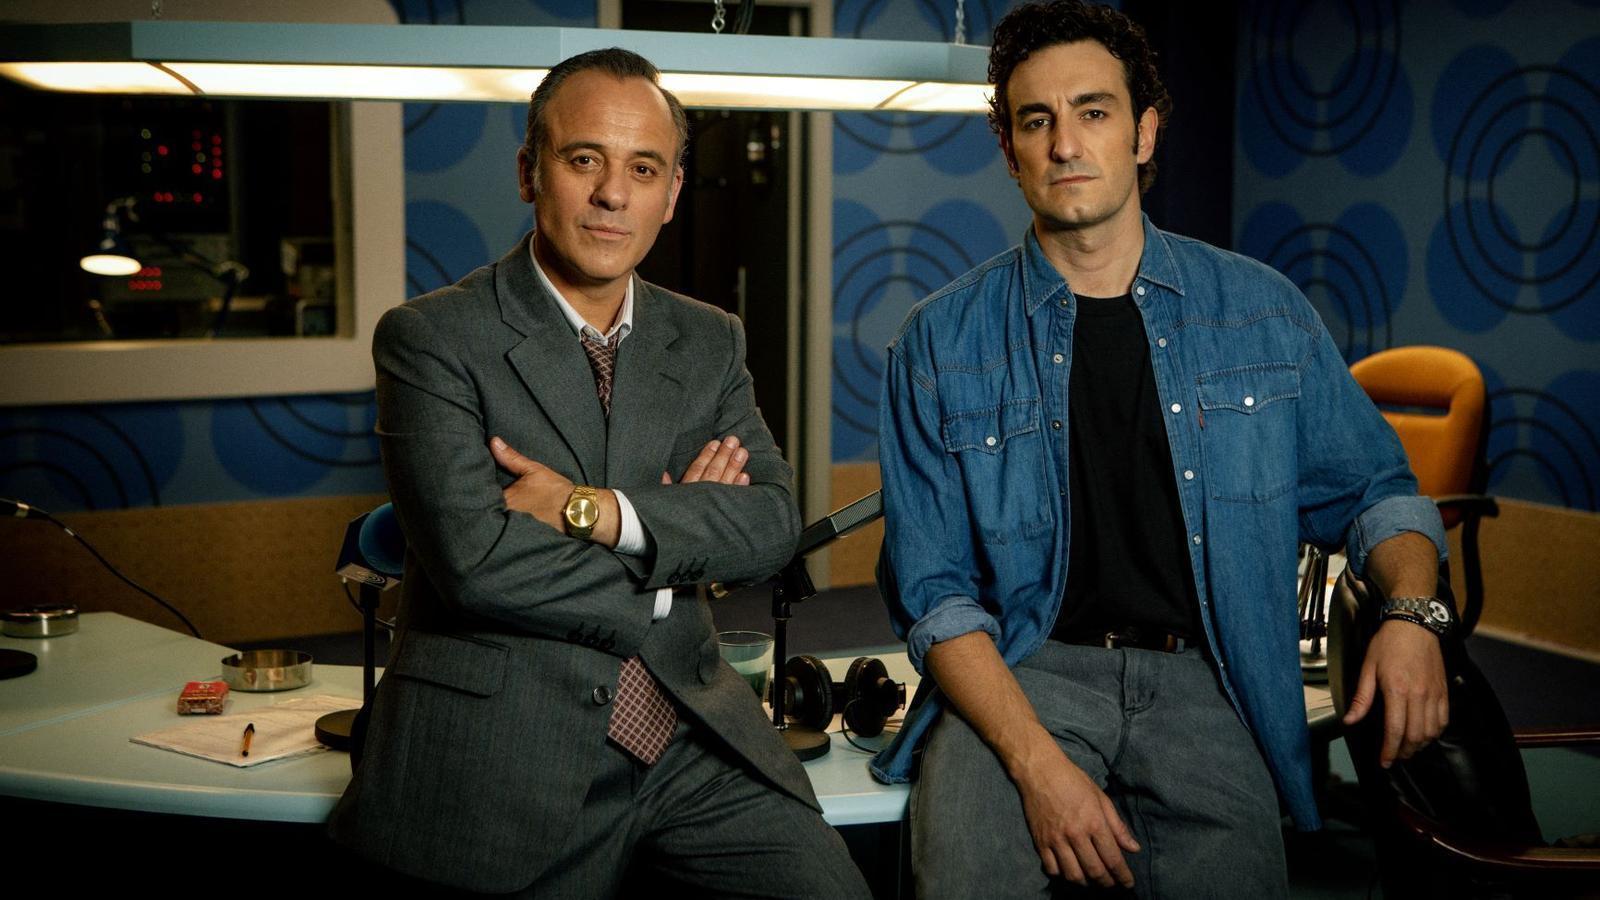 Miki Esparbé i Javier Gutiérrez protagonitzaran una nova sèrie de Movistar+